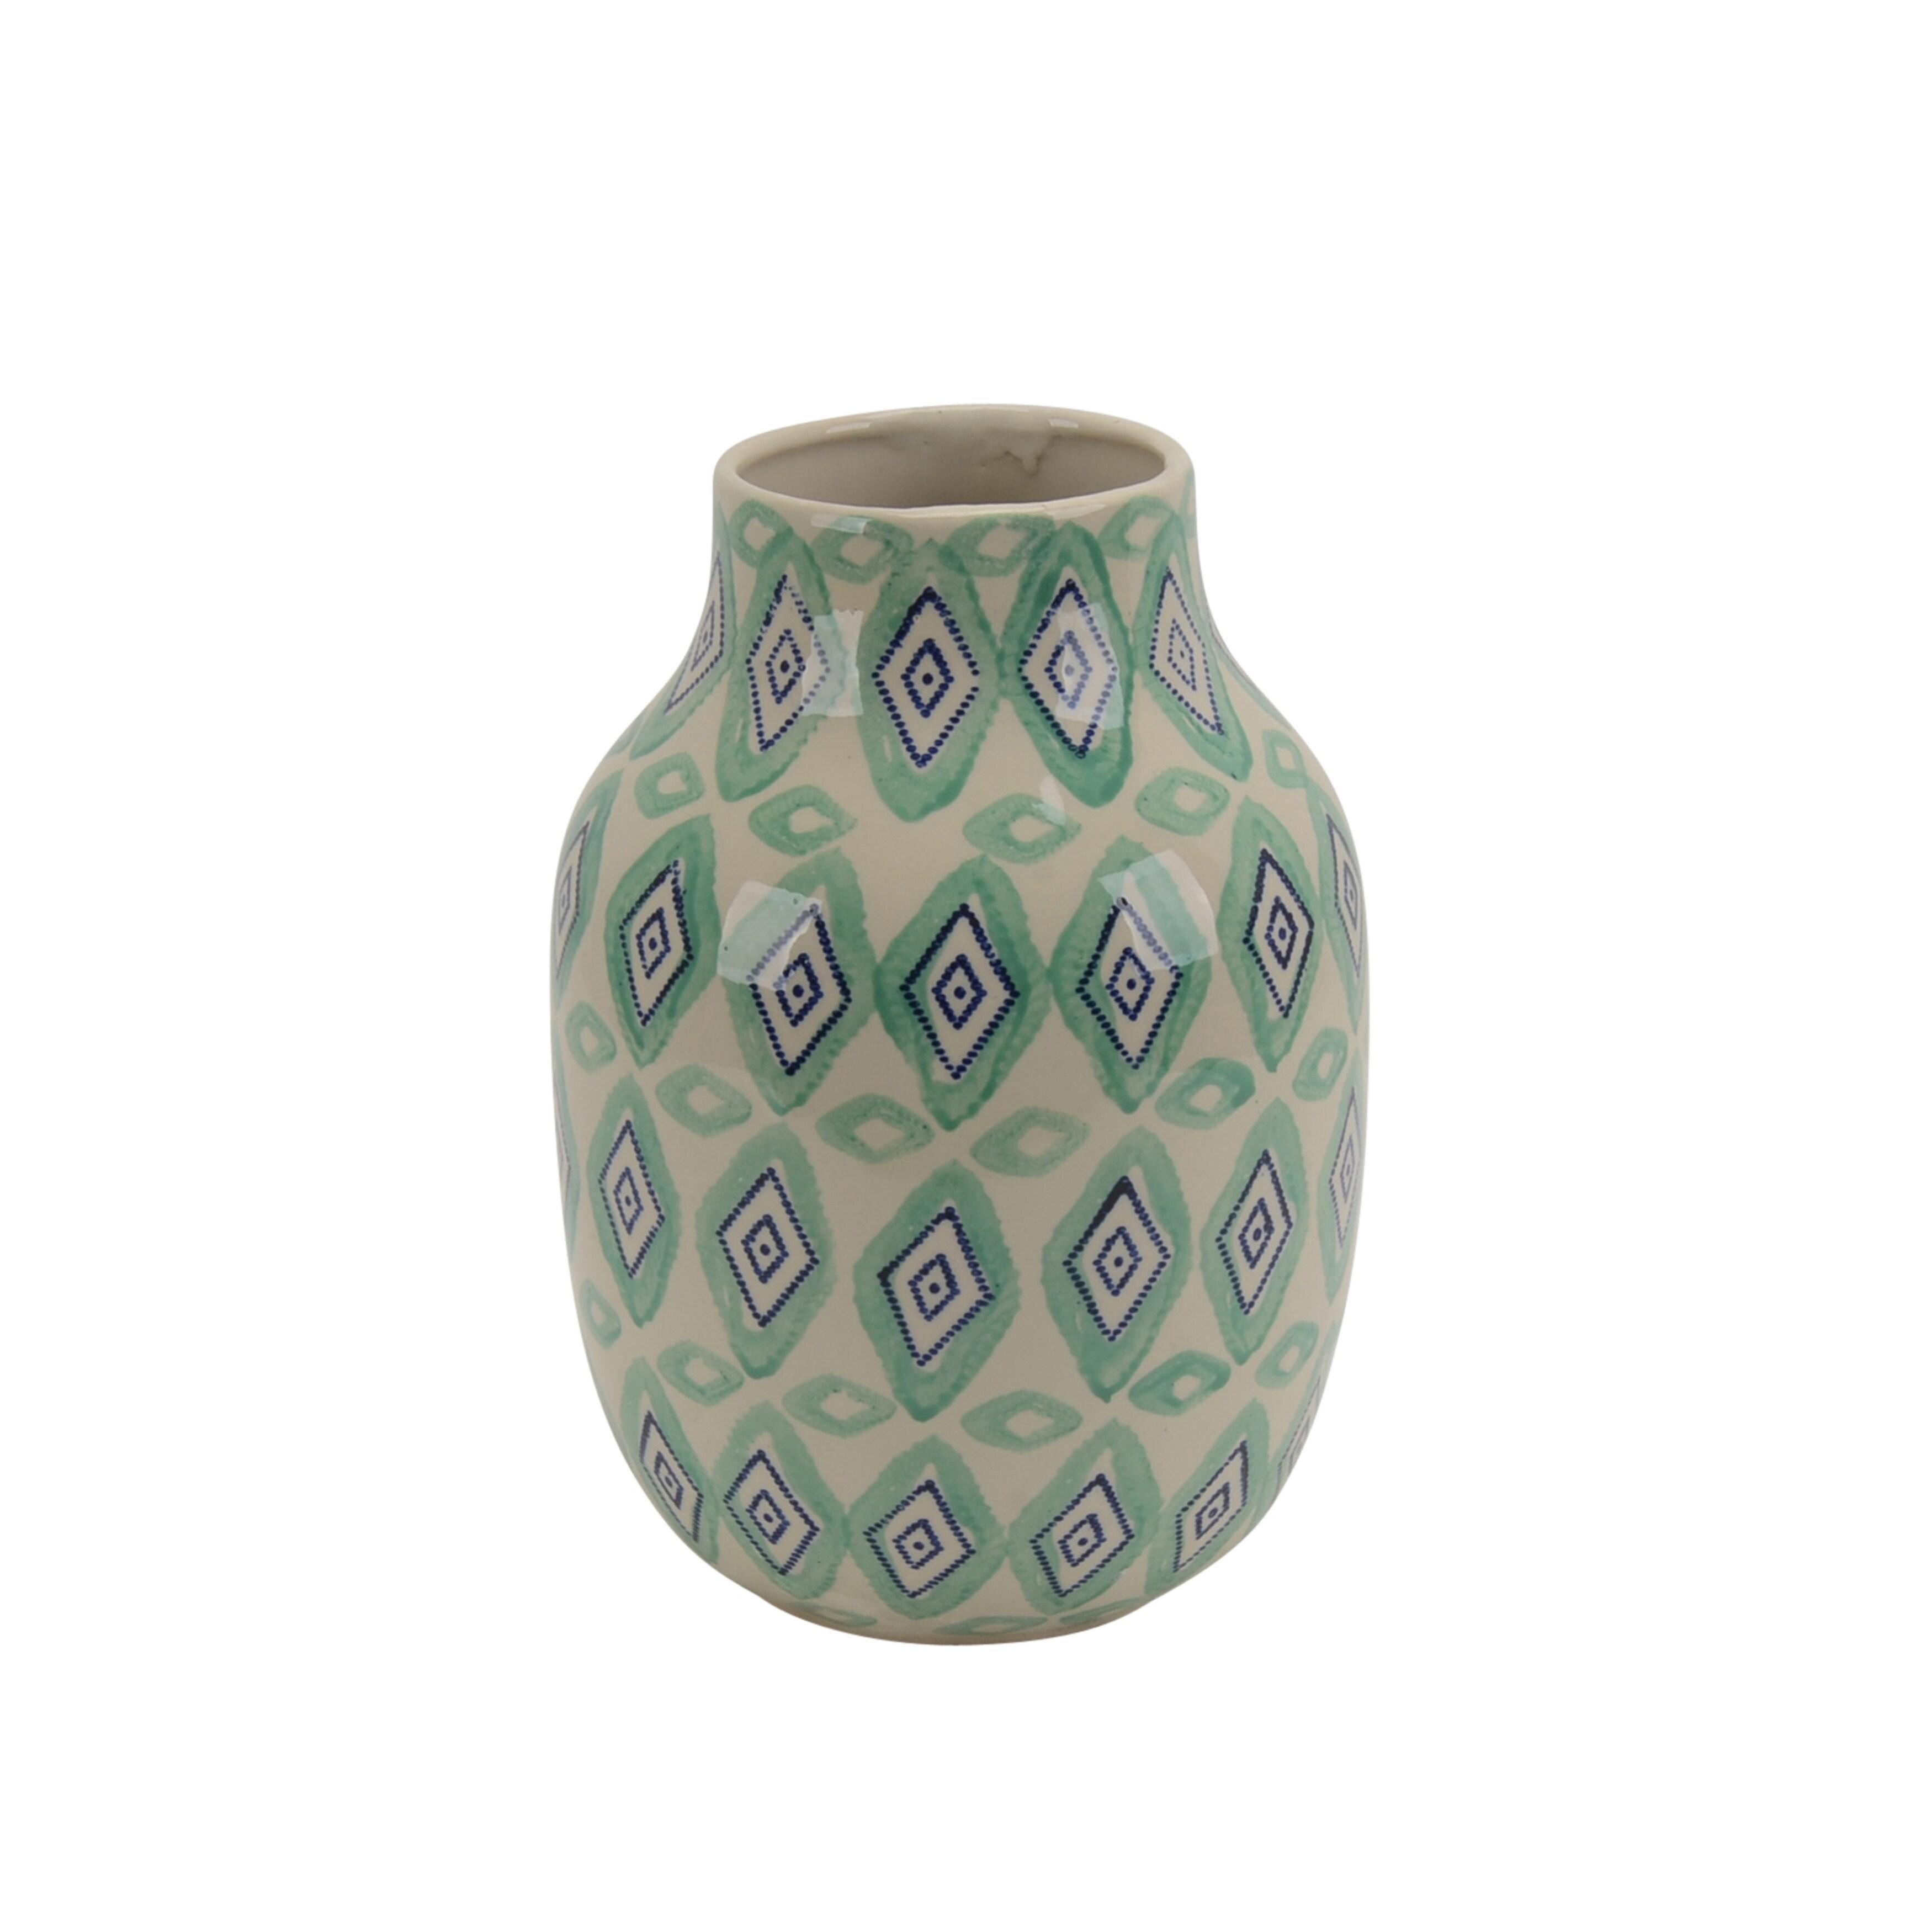 Small Size Ceramic Decorative Vase with Unique Design Pattern, Multicolor